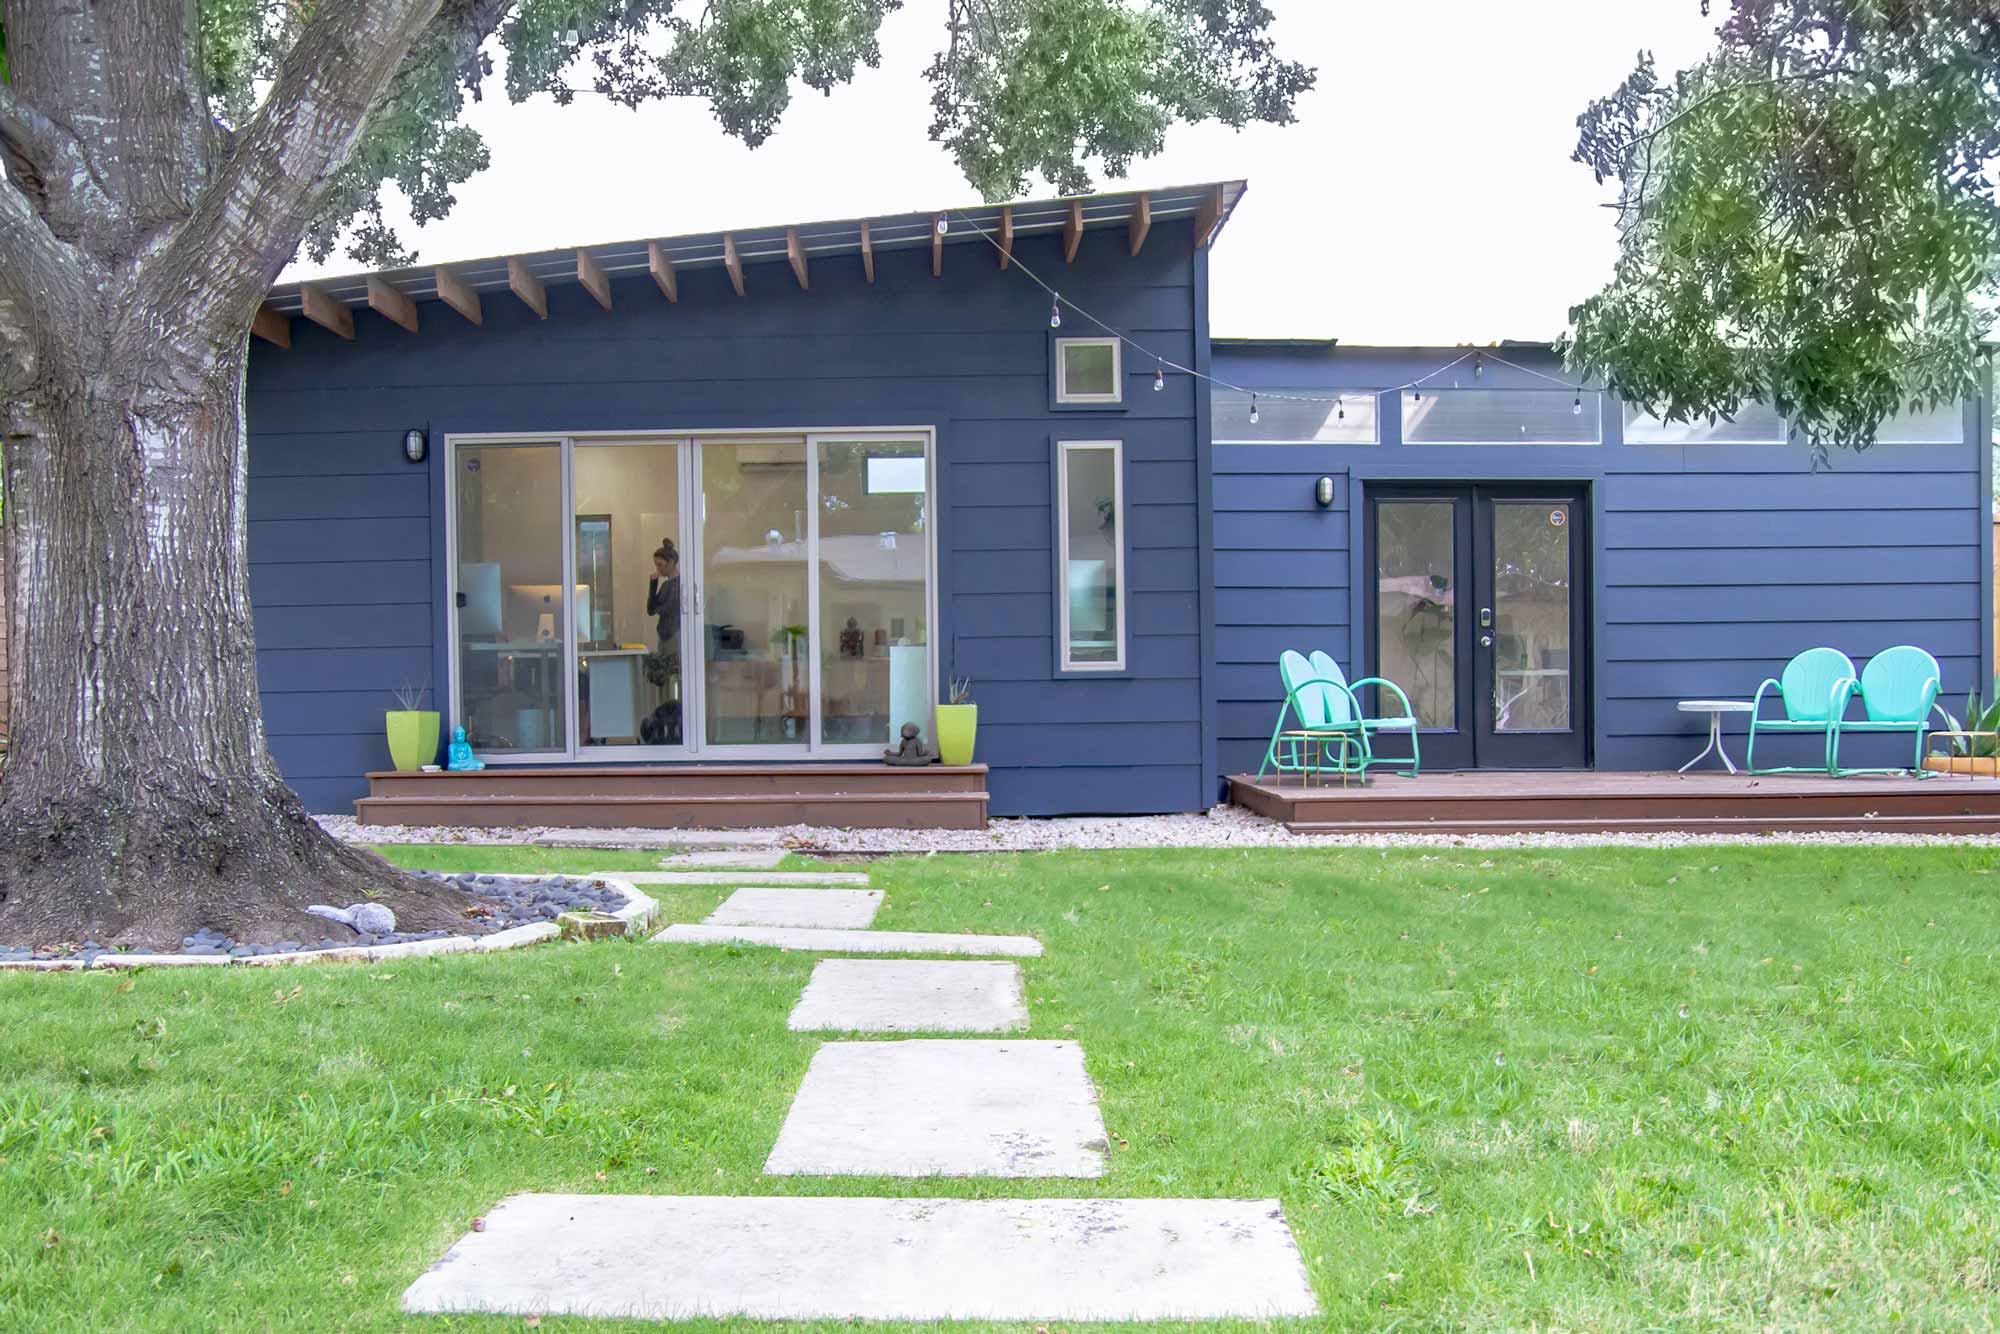 DesignGood HQ exterior